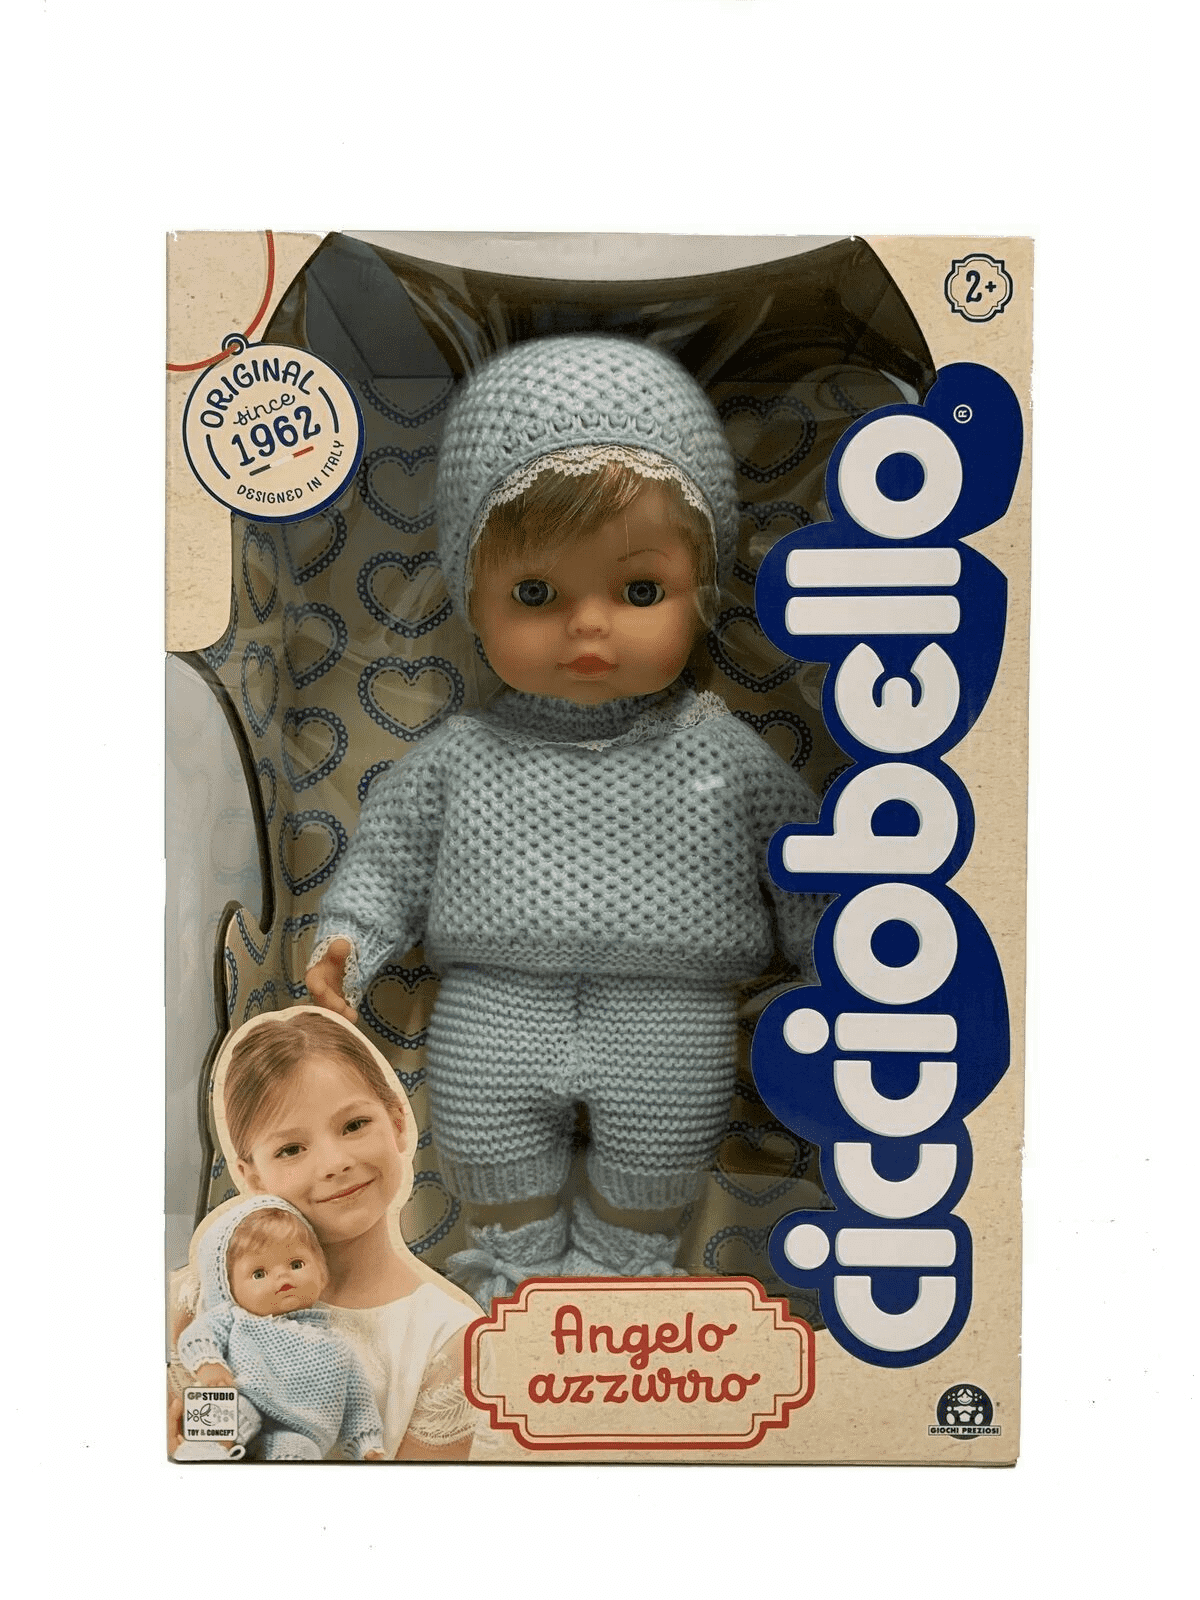 CCB44000 CICCIOBELLO ANGELOAZZURRO30 CM